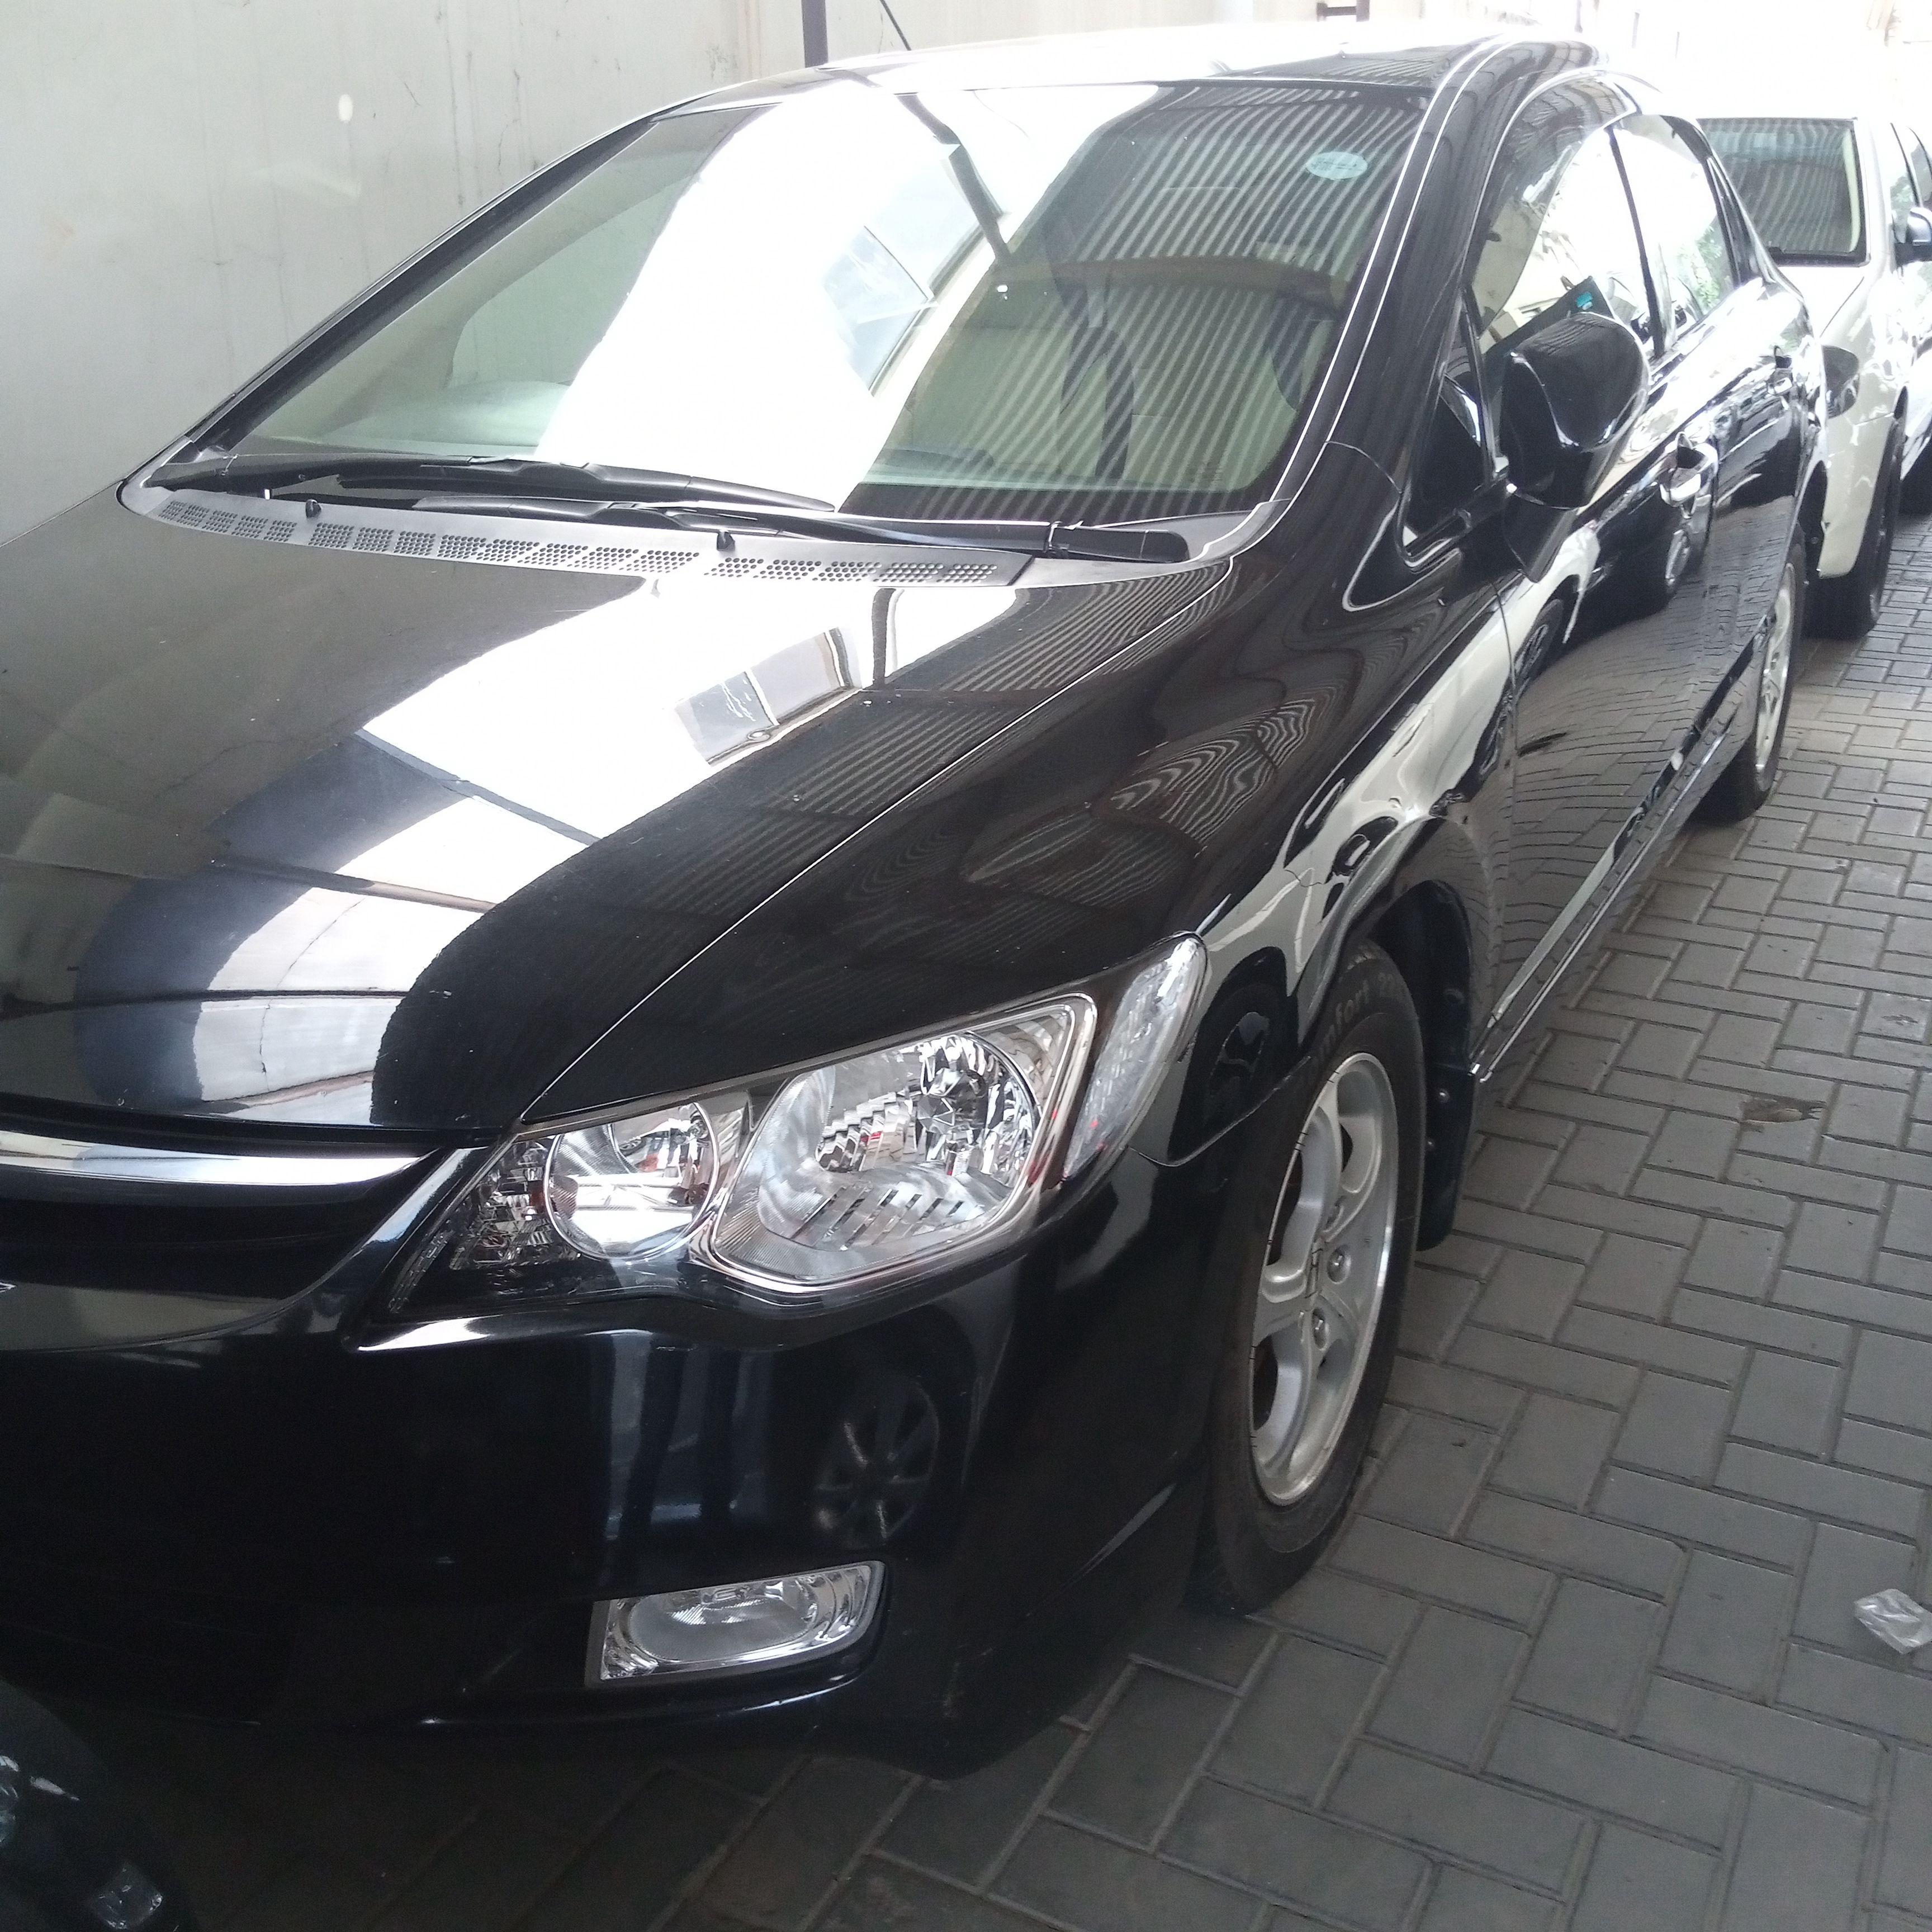 Honda Civic VTi Oriel Prosmatec 1.8 2012